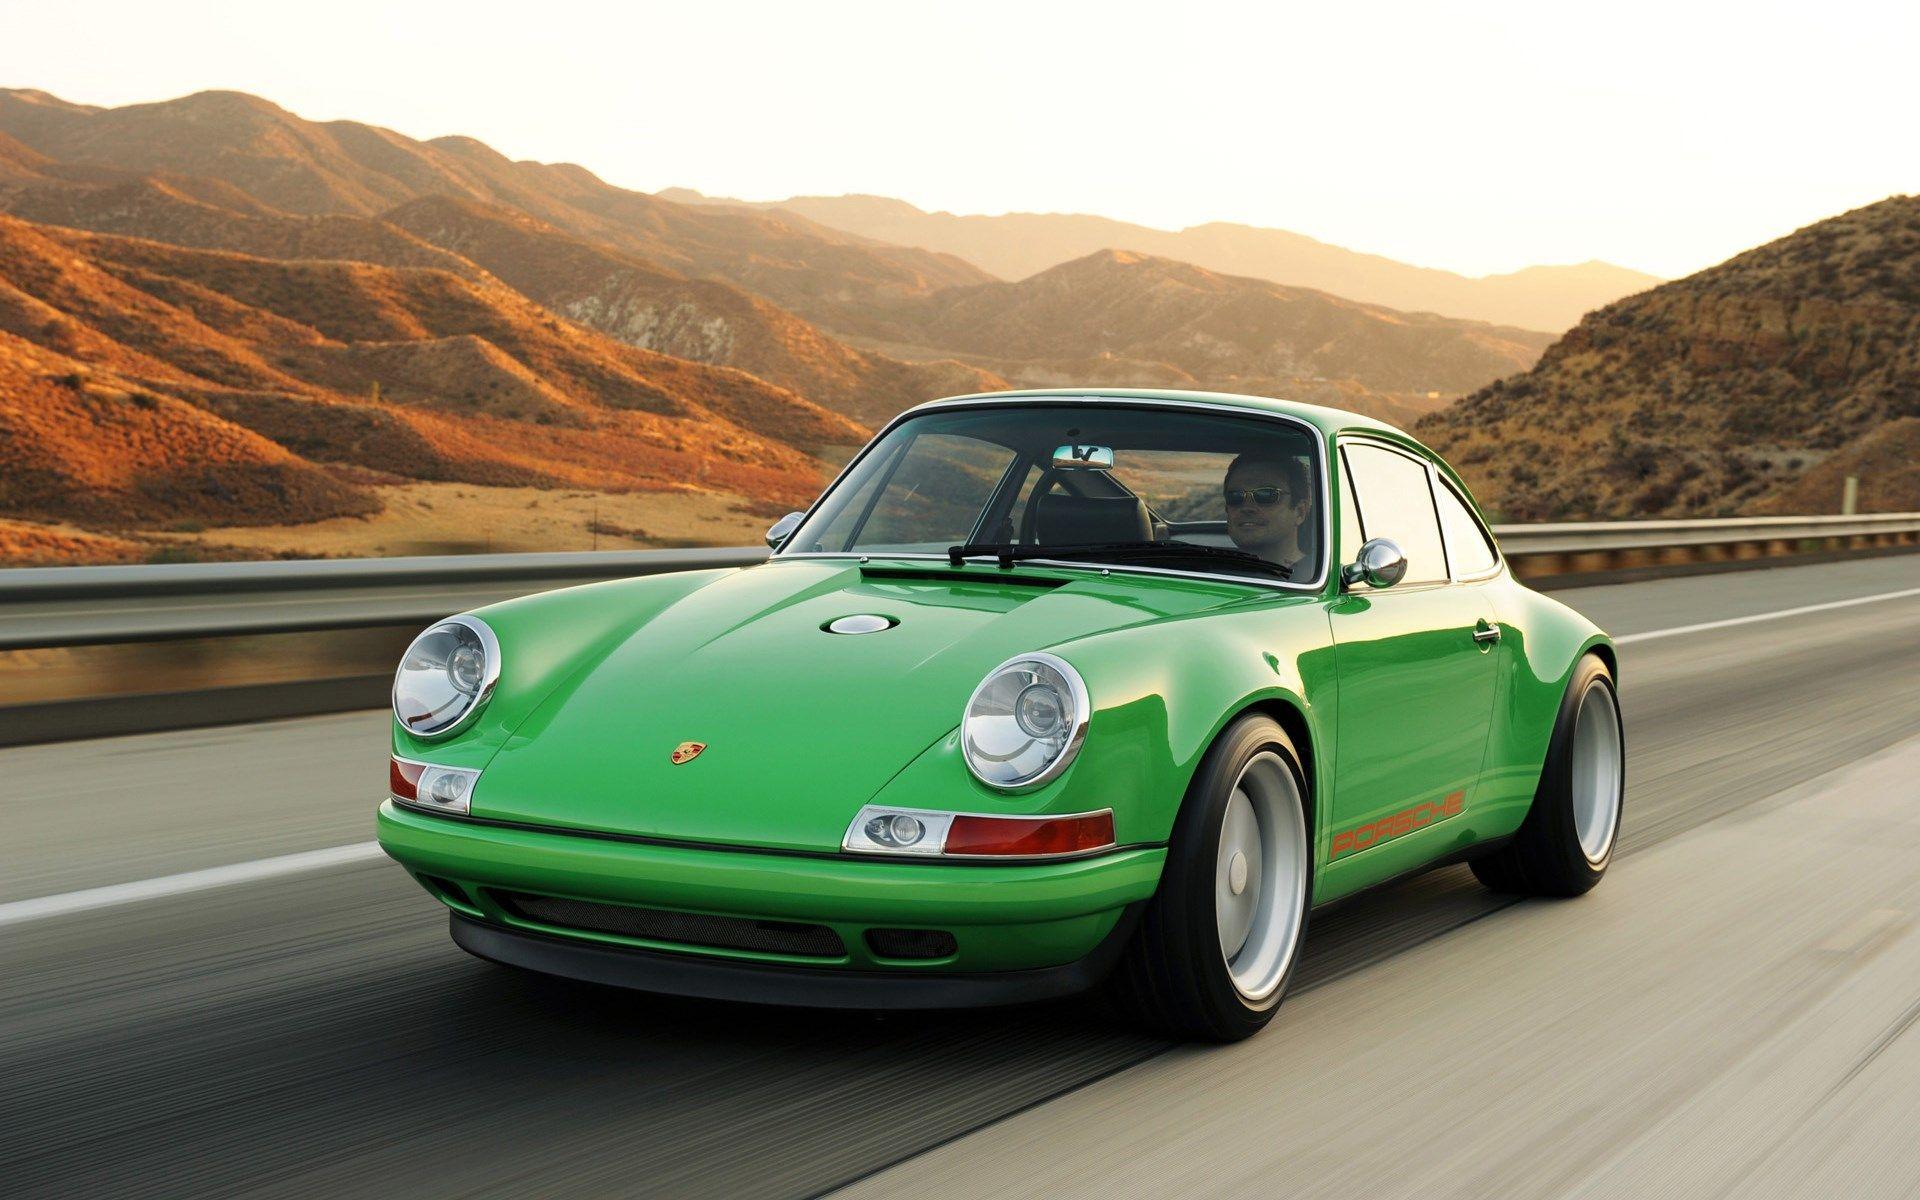 1920x1200 Desktop Wallpaper For Porsche Singer Porsche Porsche 911 Singer Porsche 911